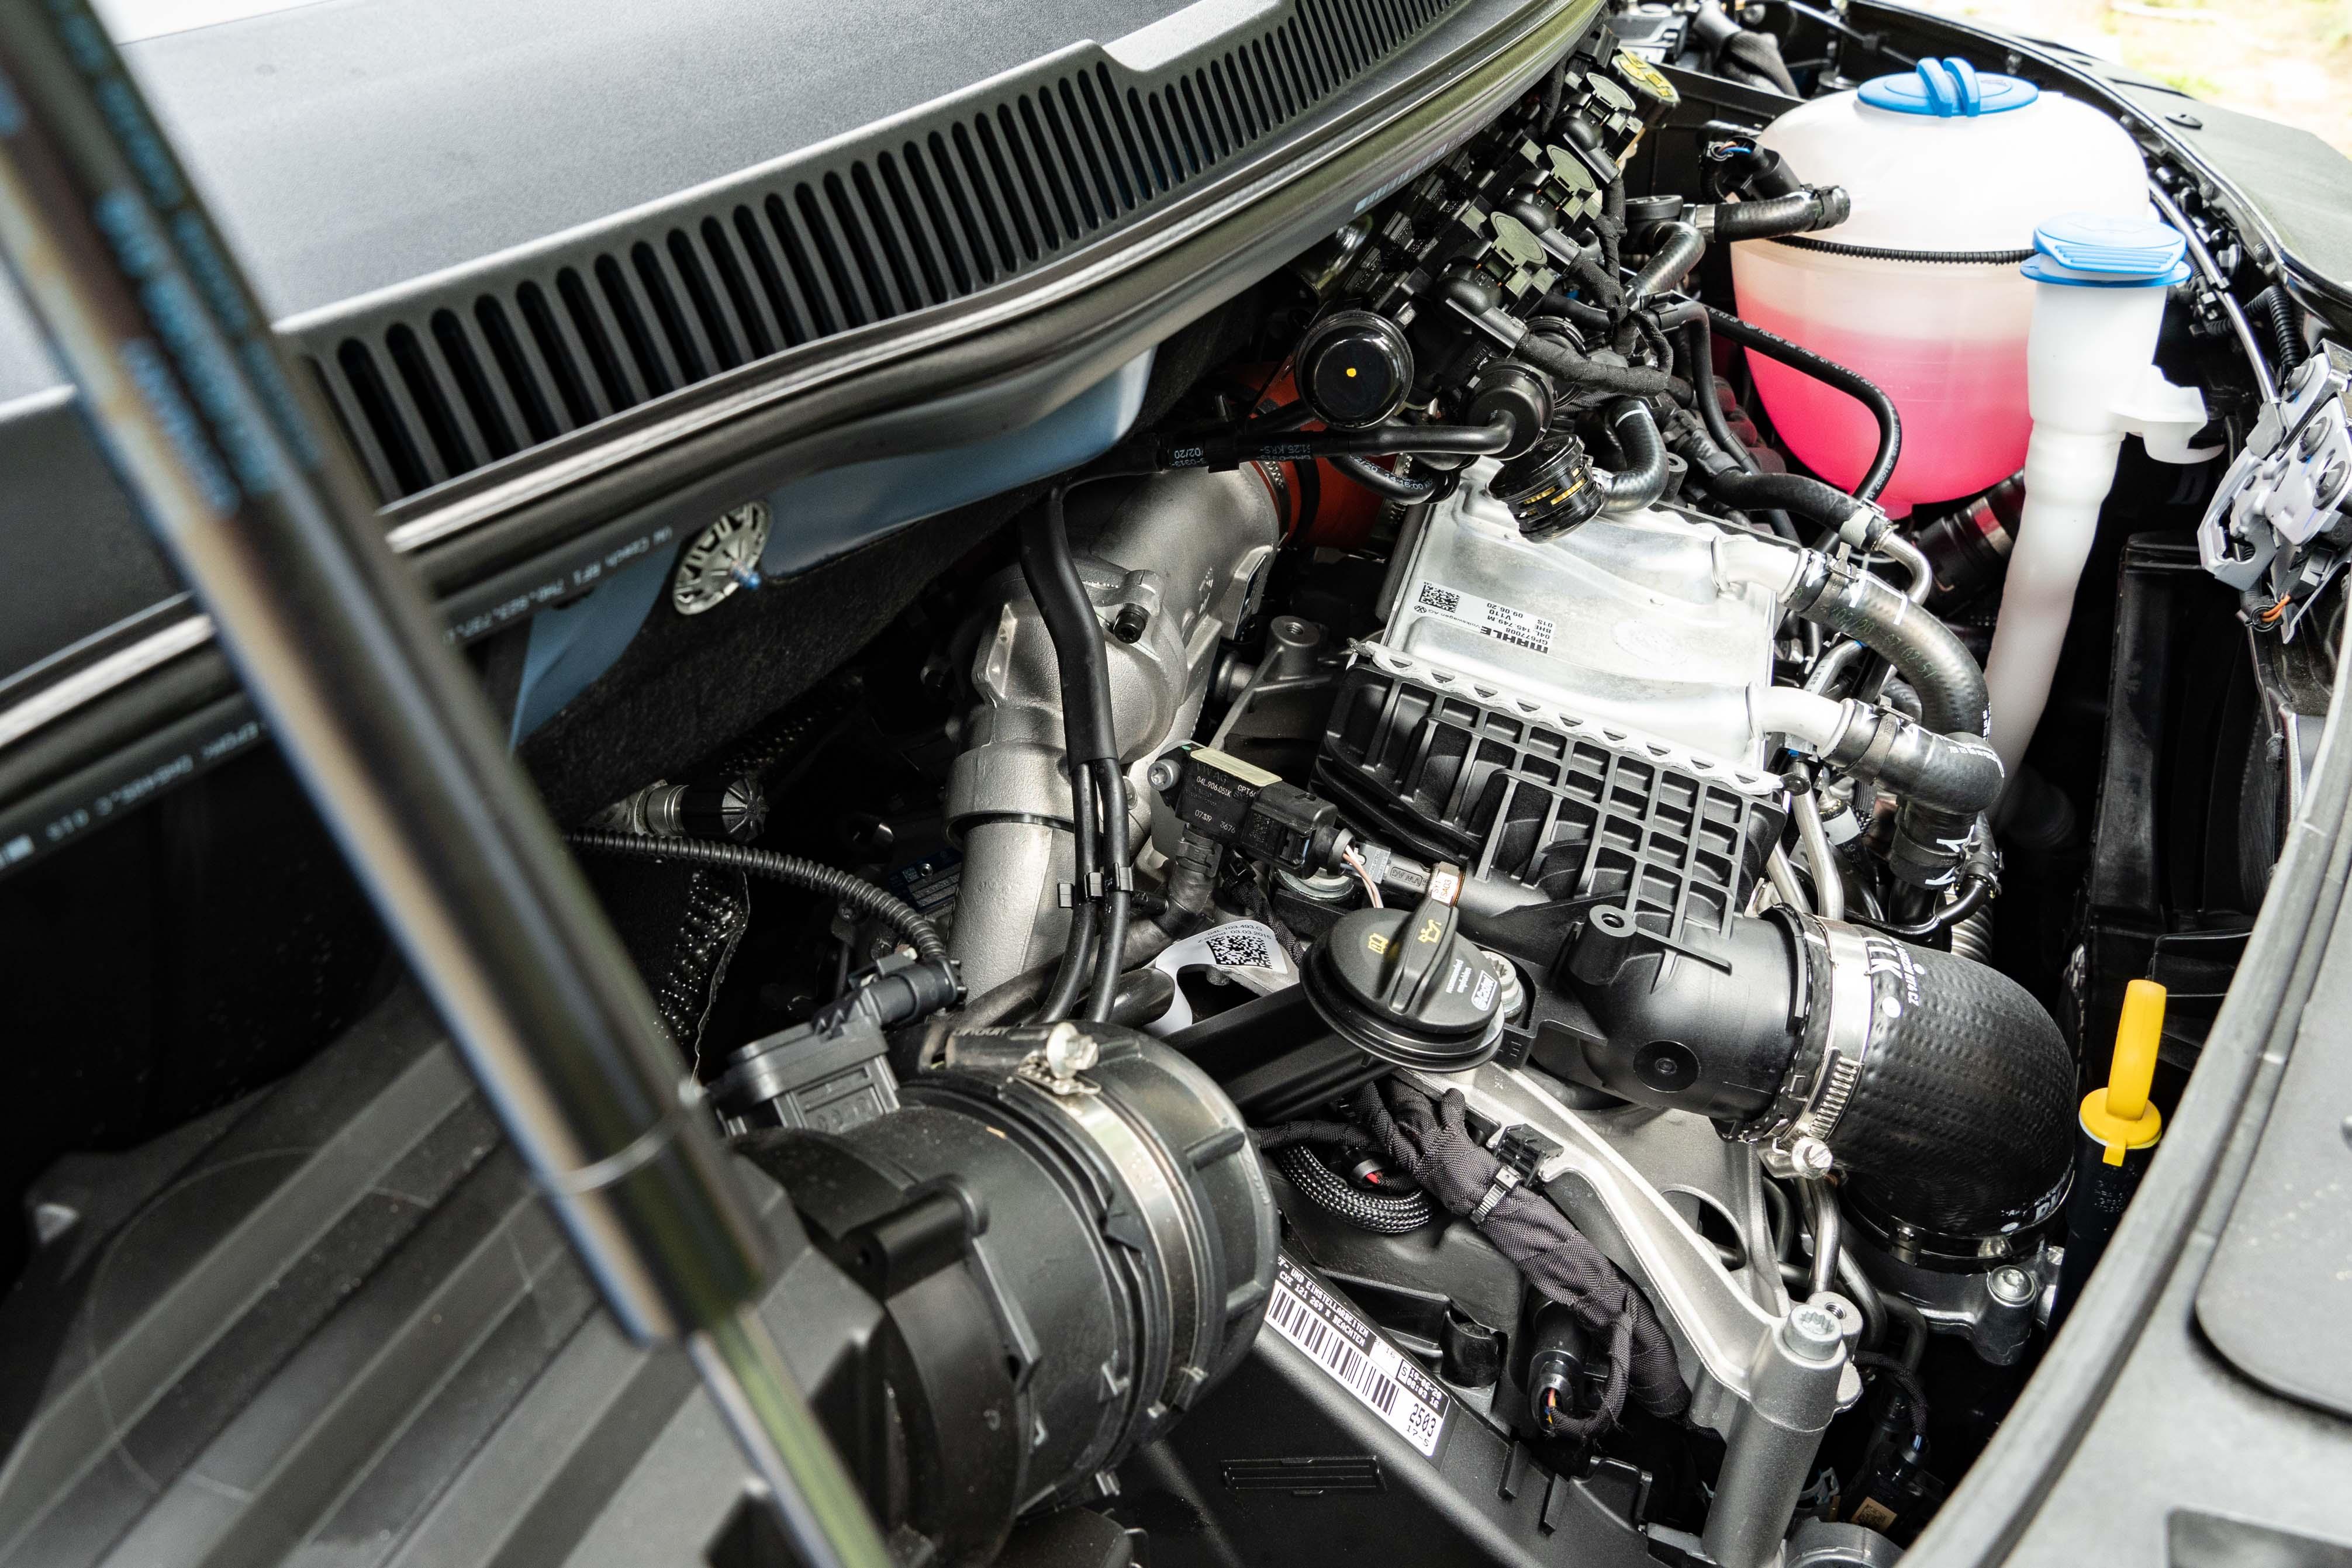 Caravelle 199 L 與 Caravelle 199 L 4Motion 搭載 2.0 升 TDI 雙渦輪增壓柴油引擎。